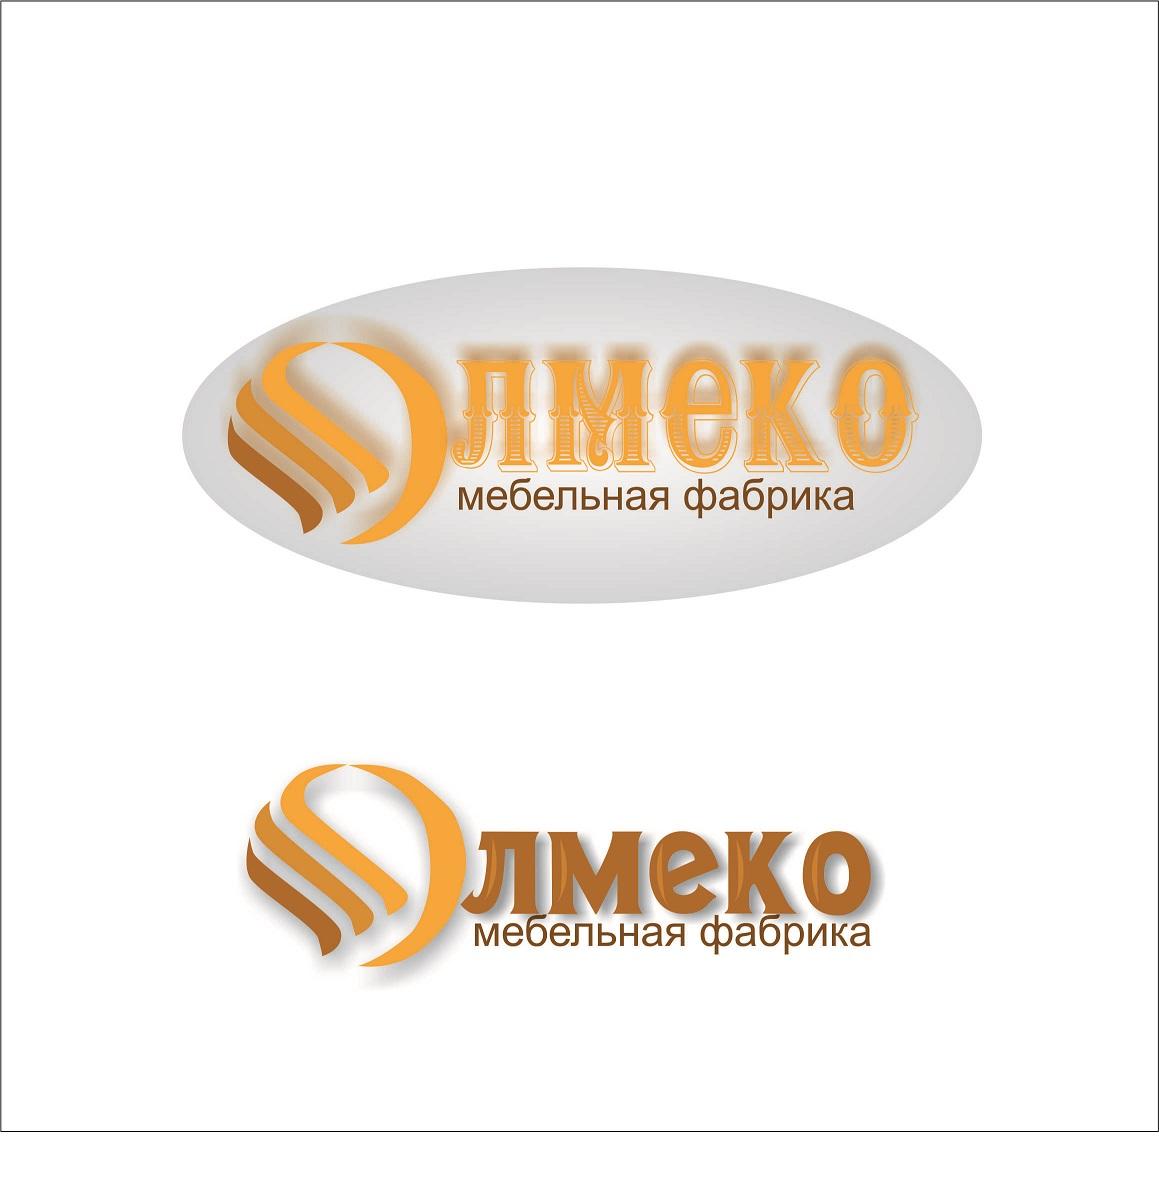 Ребрендинг/Редизайн логотипа Мебельной Фабрики фото f_69354933c6d41535.jpg